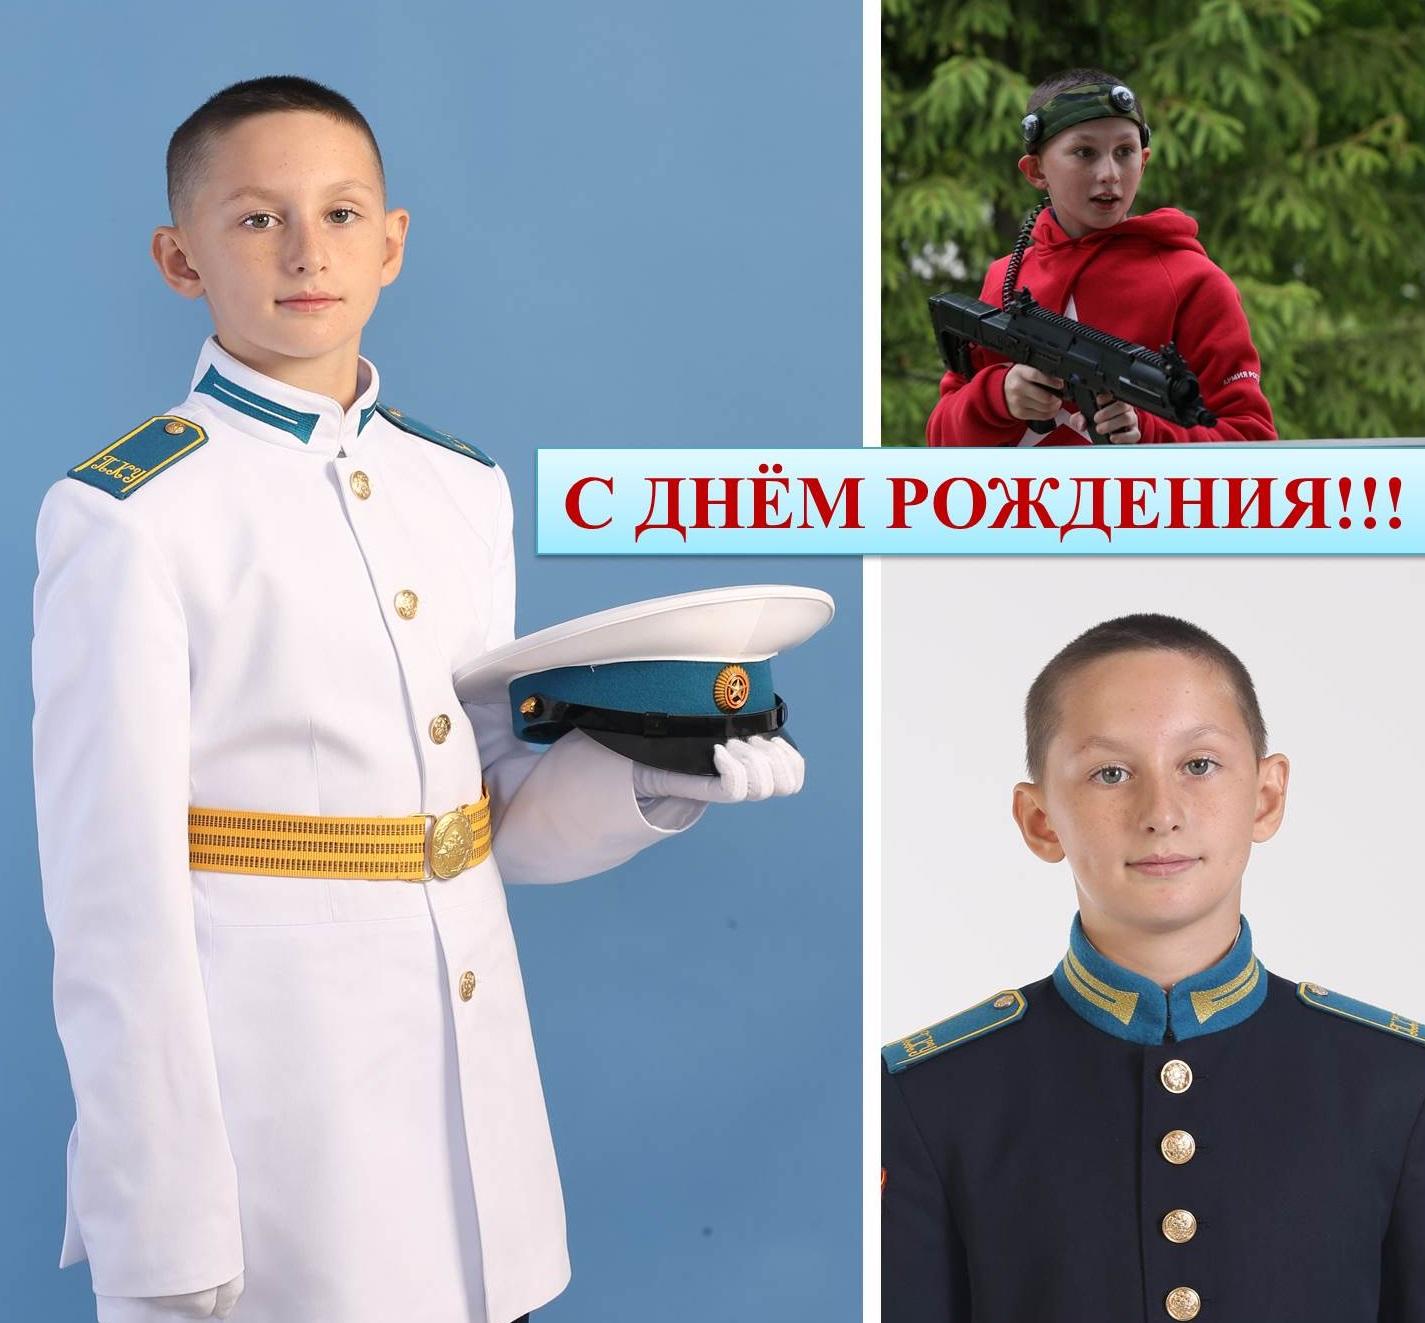 Сударев